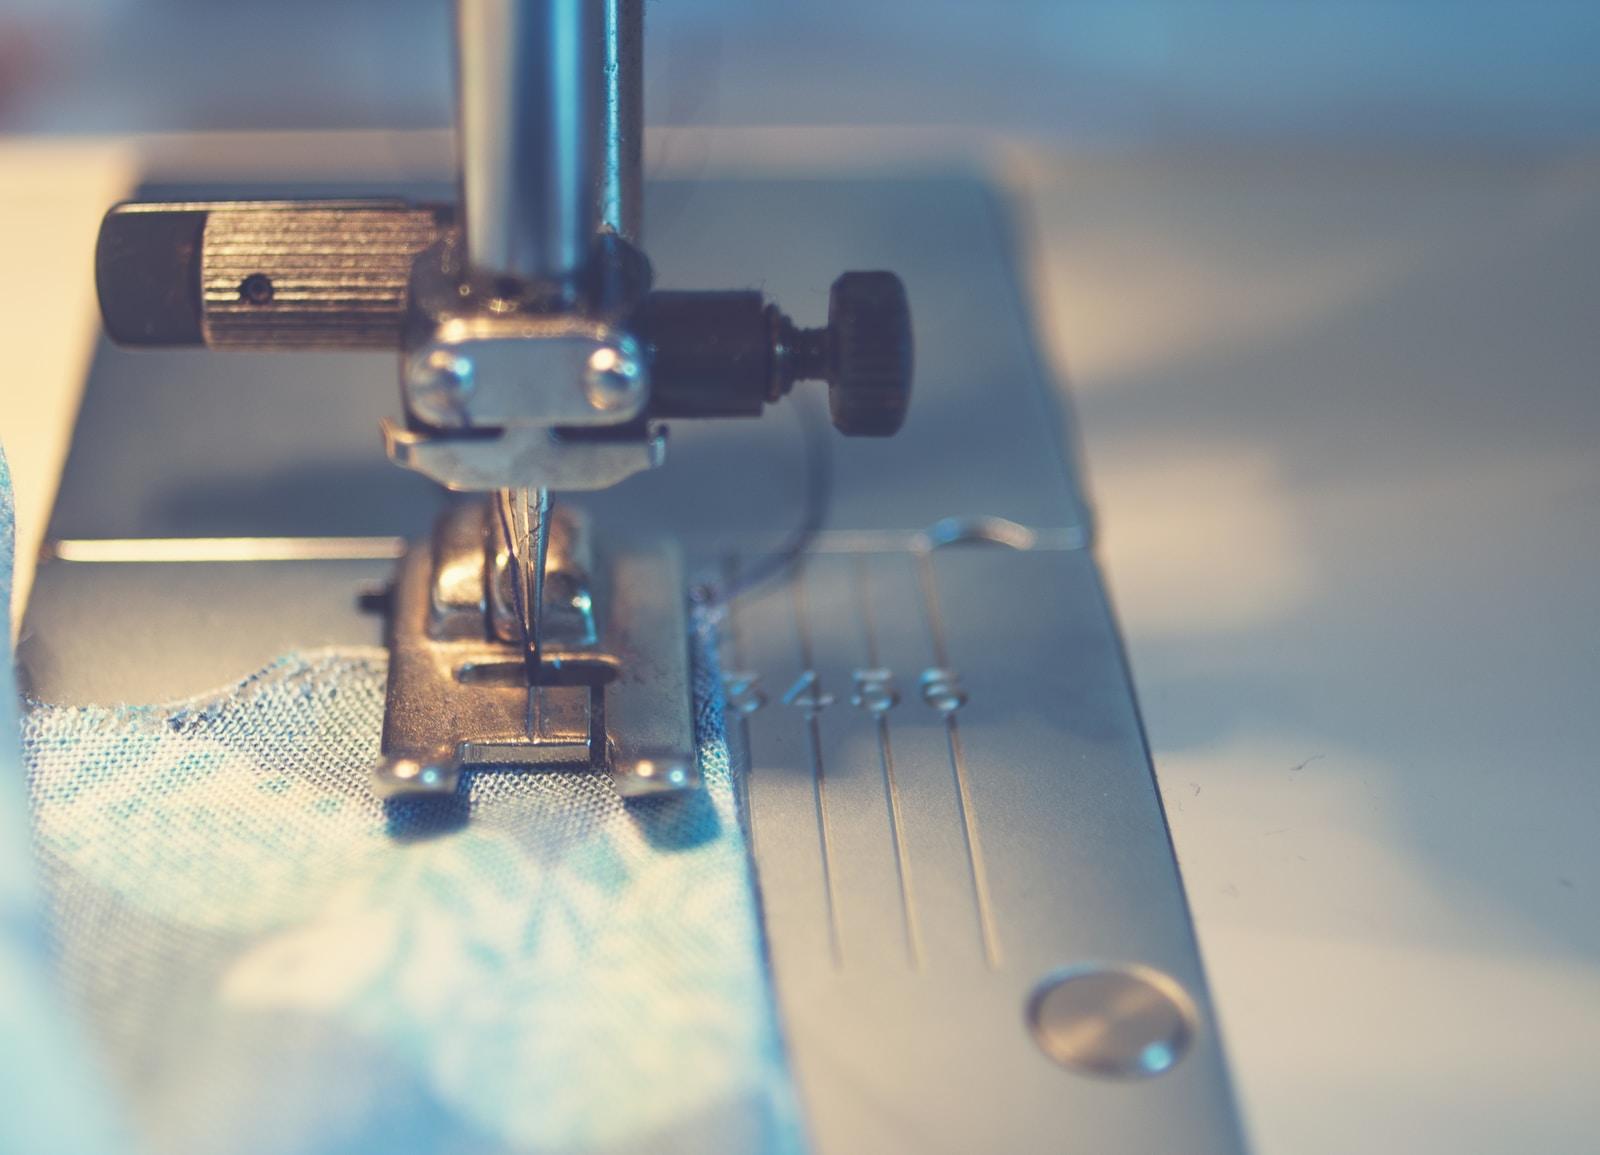 Νυφικό ραμμένο σε μοδίστρα blue textile under a sewing machine needle